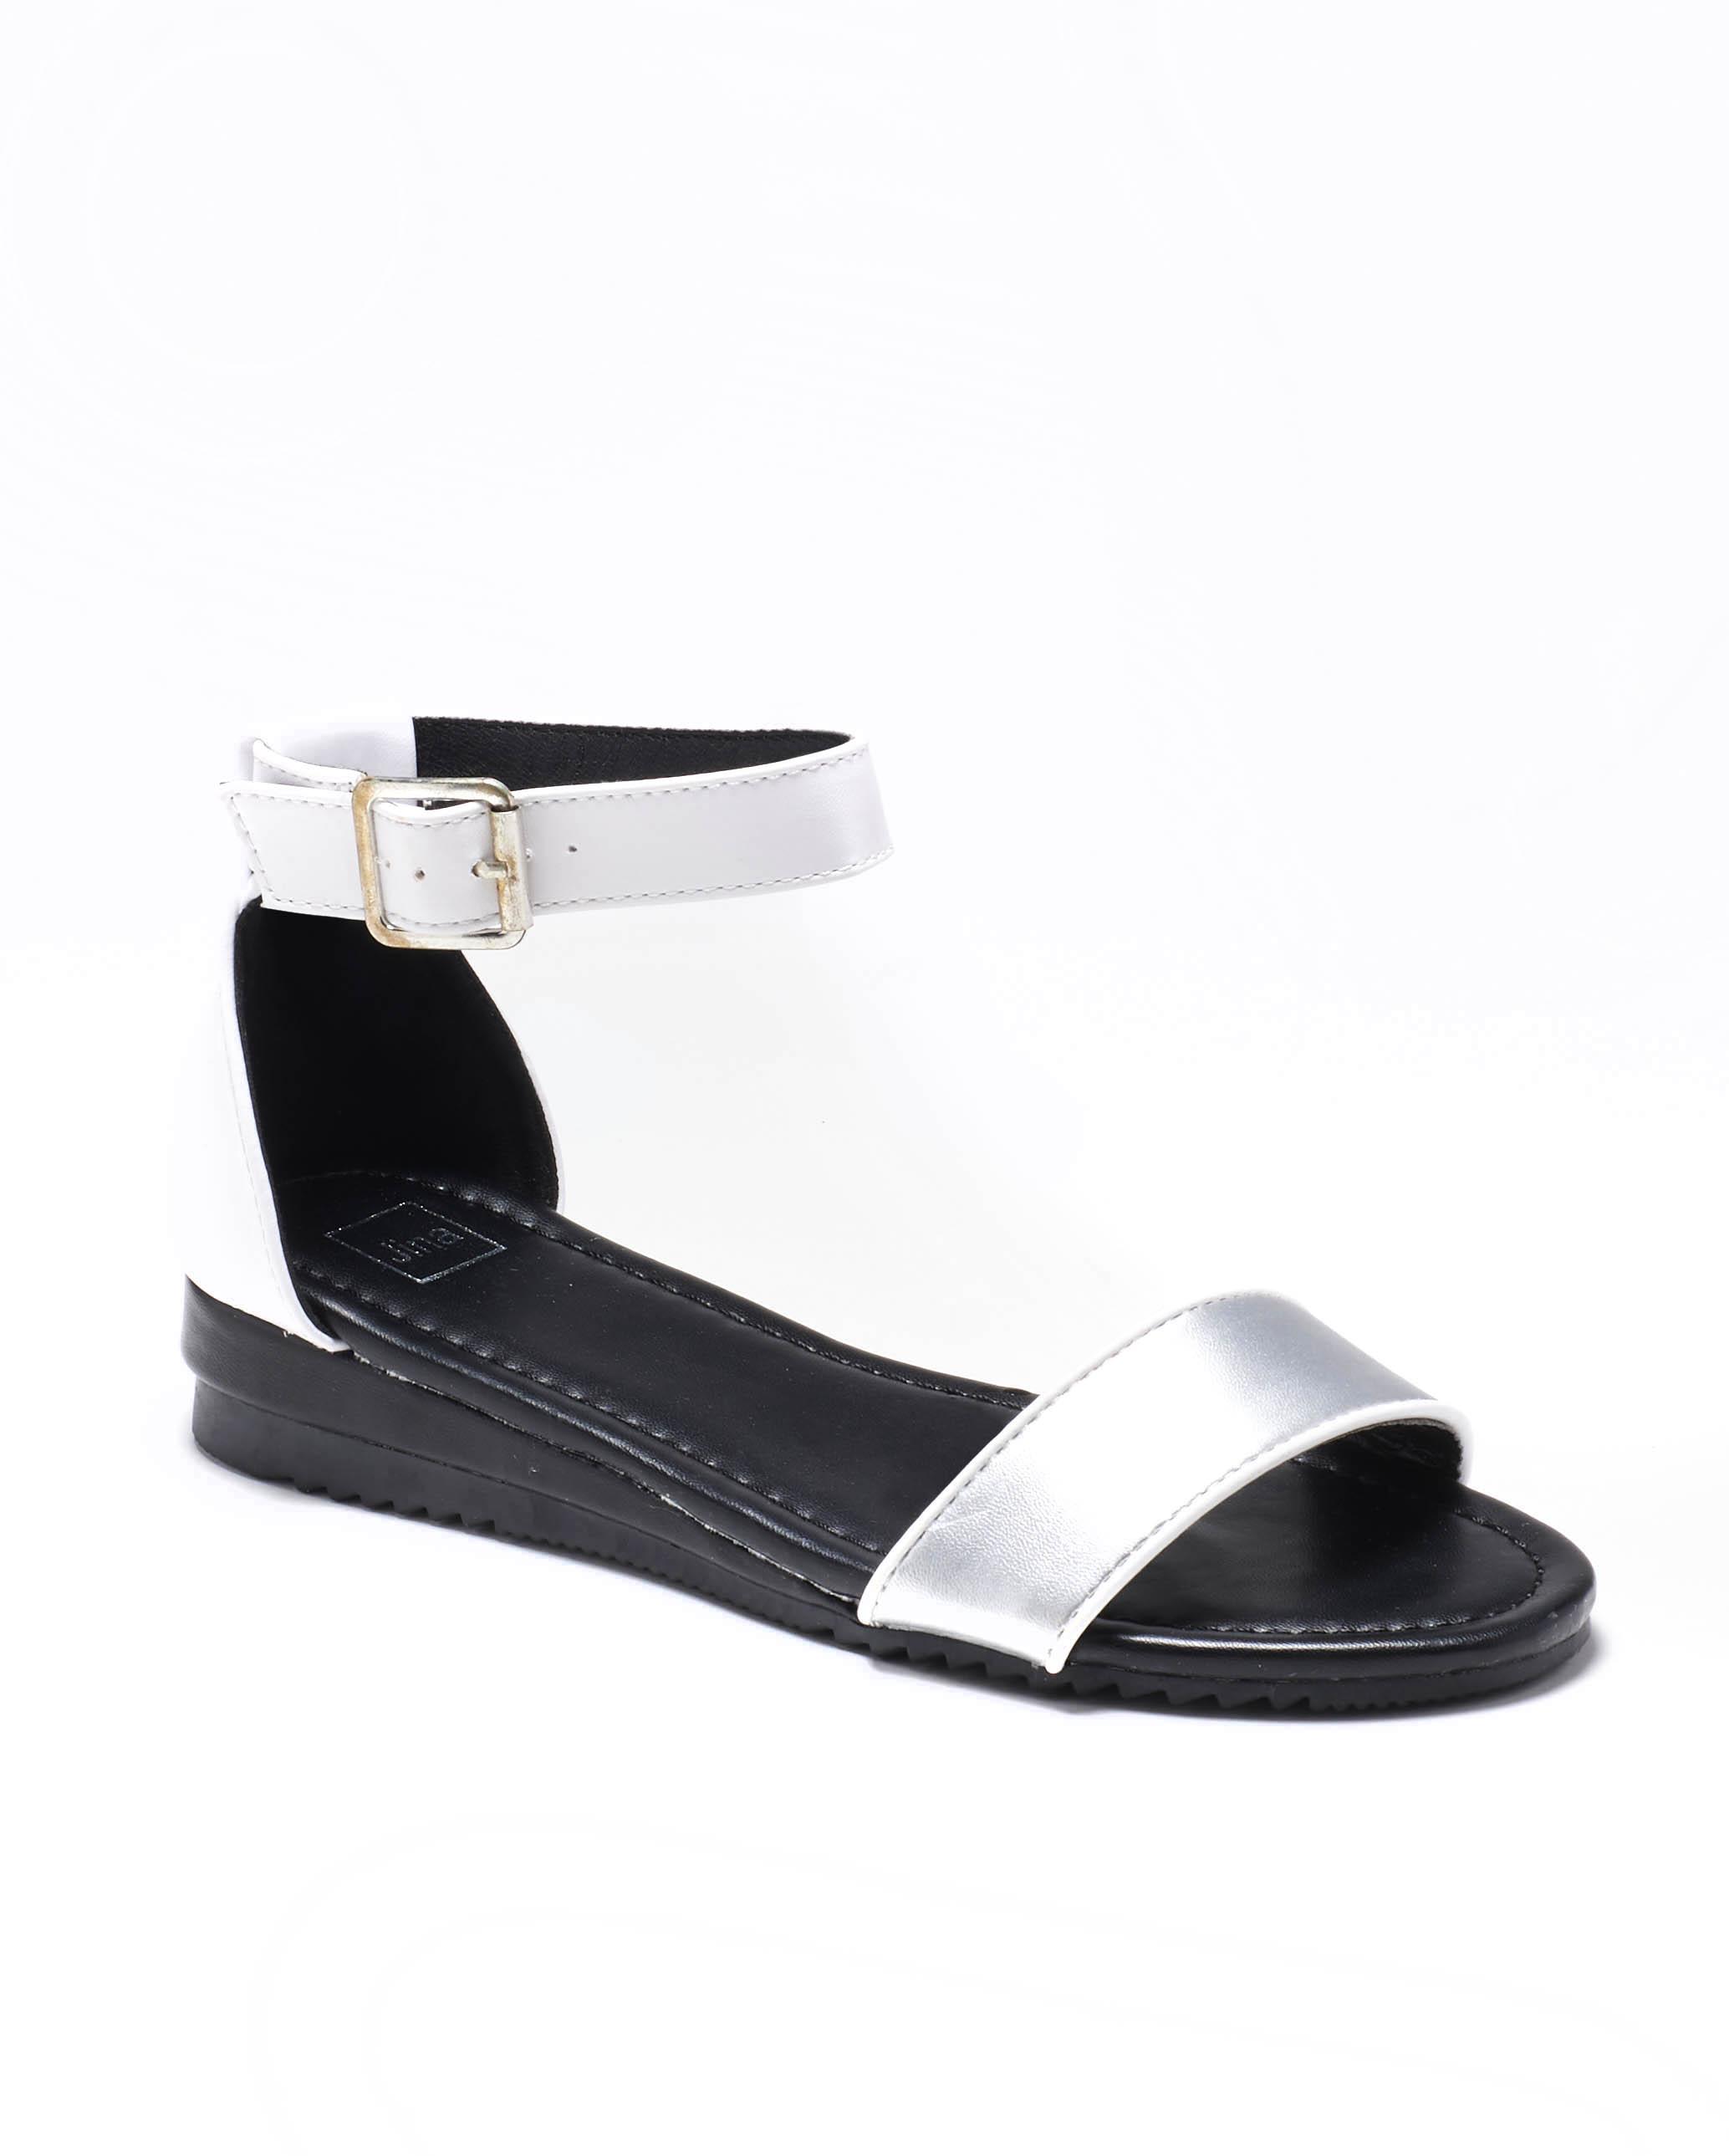 Sandales Compensées Femme - Sandale Talon Compensee Blanc Jina - Fs19-112904